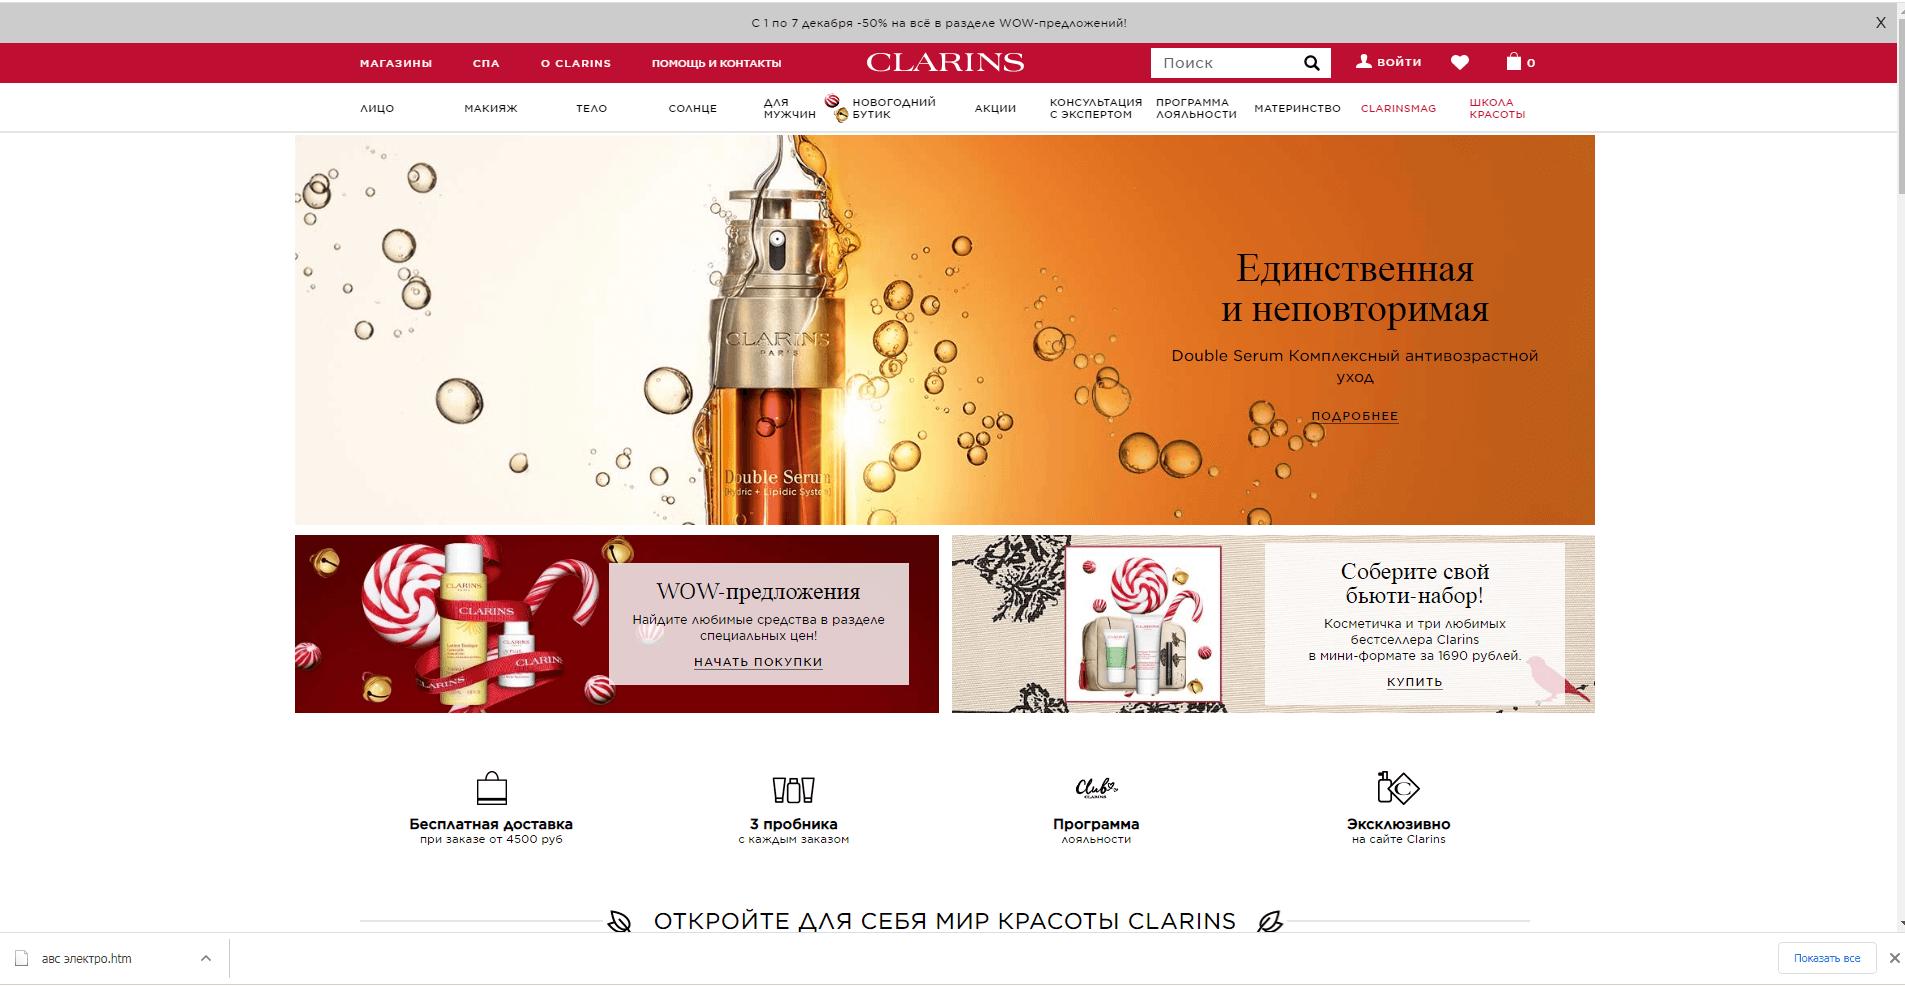 clarins.ru website